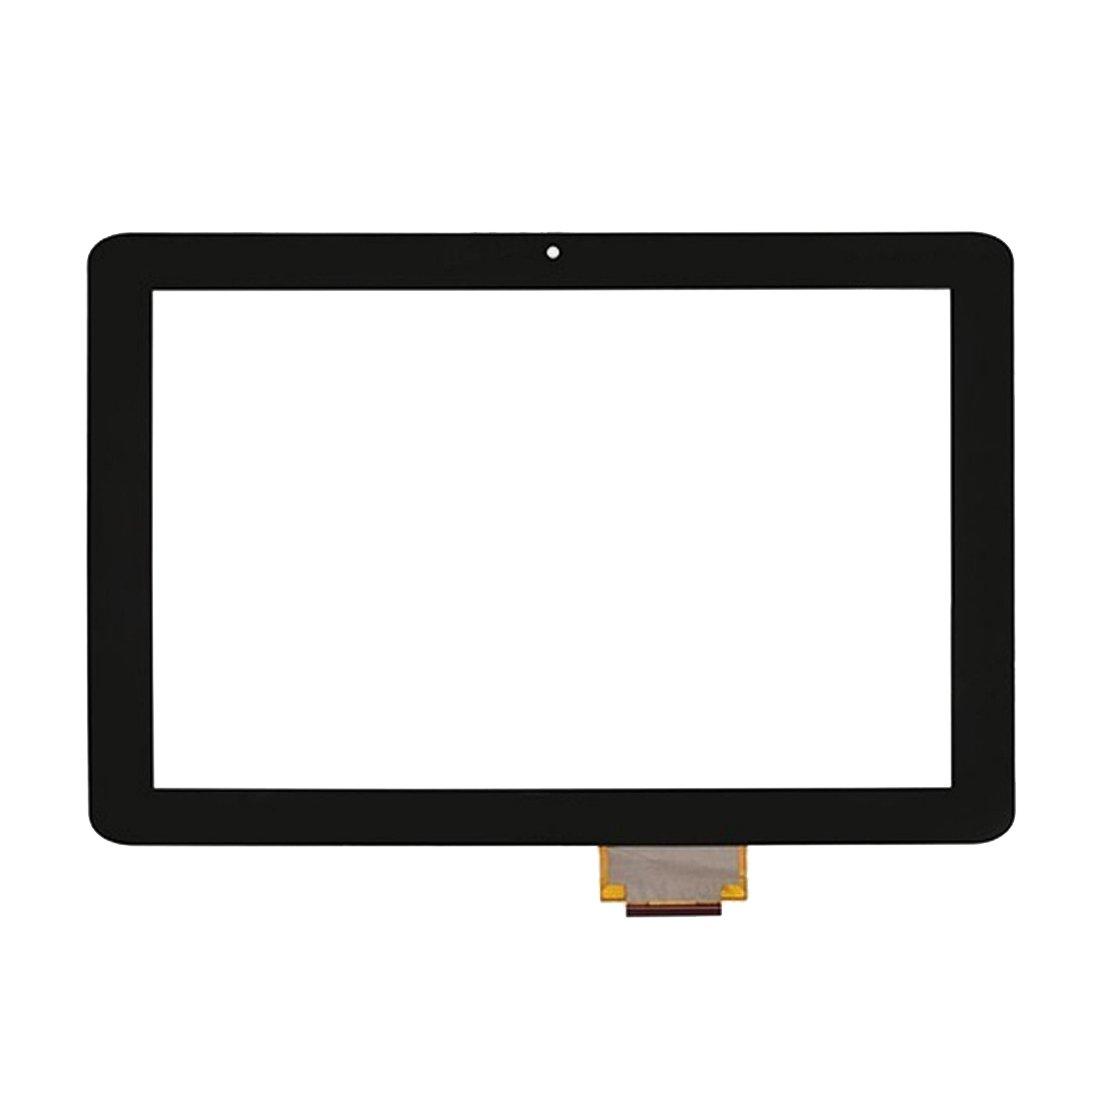 部品交換用パーツ Acer Iconia Tab Black) A200用タッチスクリーン B07RPKNRLC (色 : Black) Black Tab B07RPKNRLC, スイーツファクトリースリーズ:612dc59e --- harrow-unison.org.uk